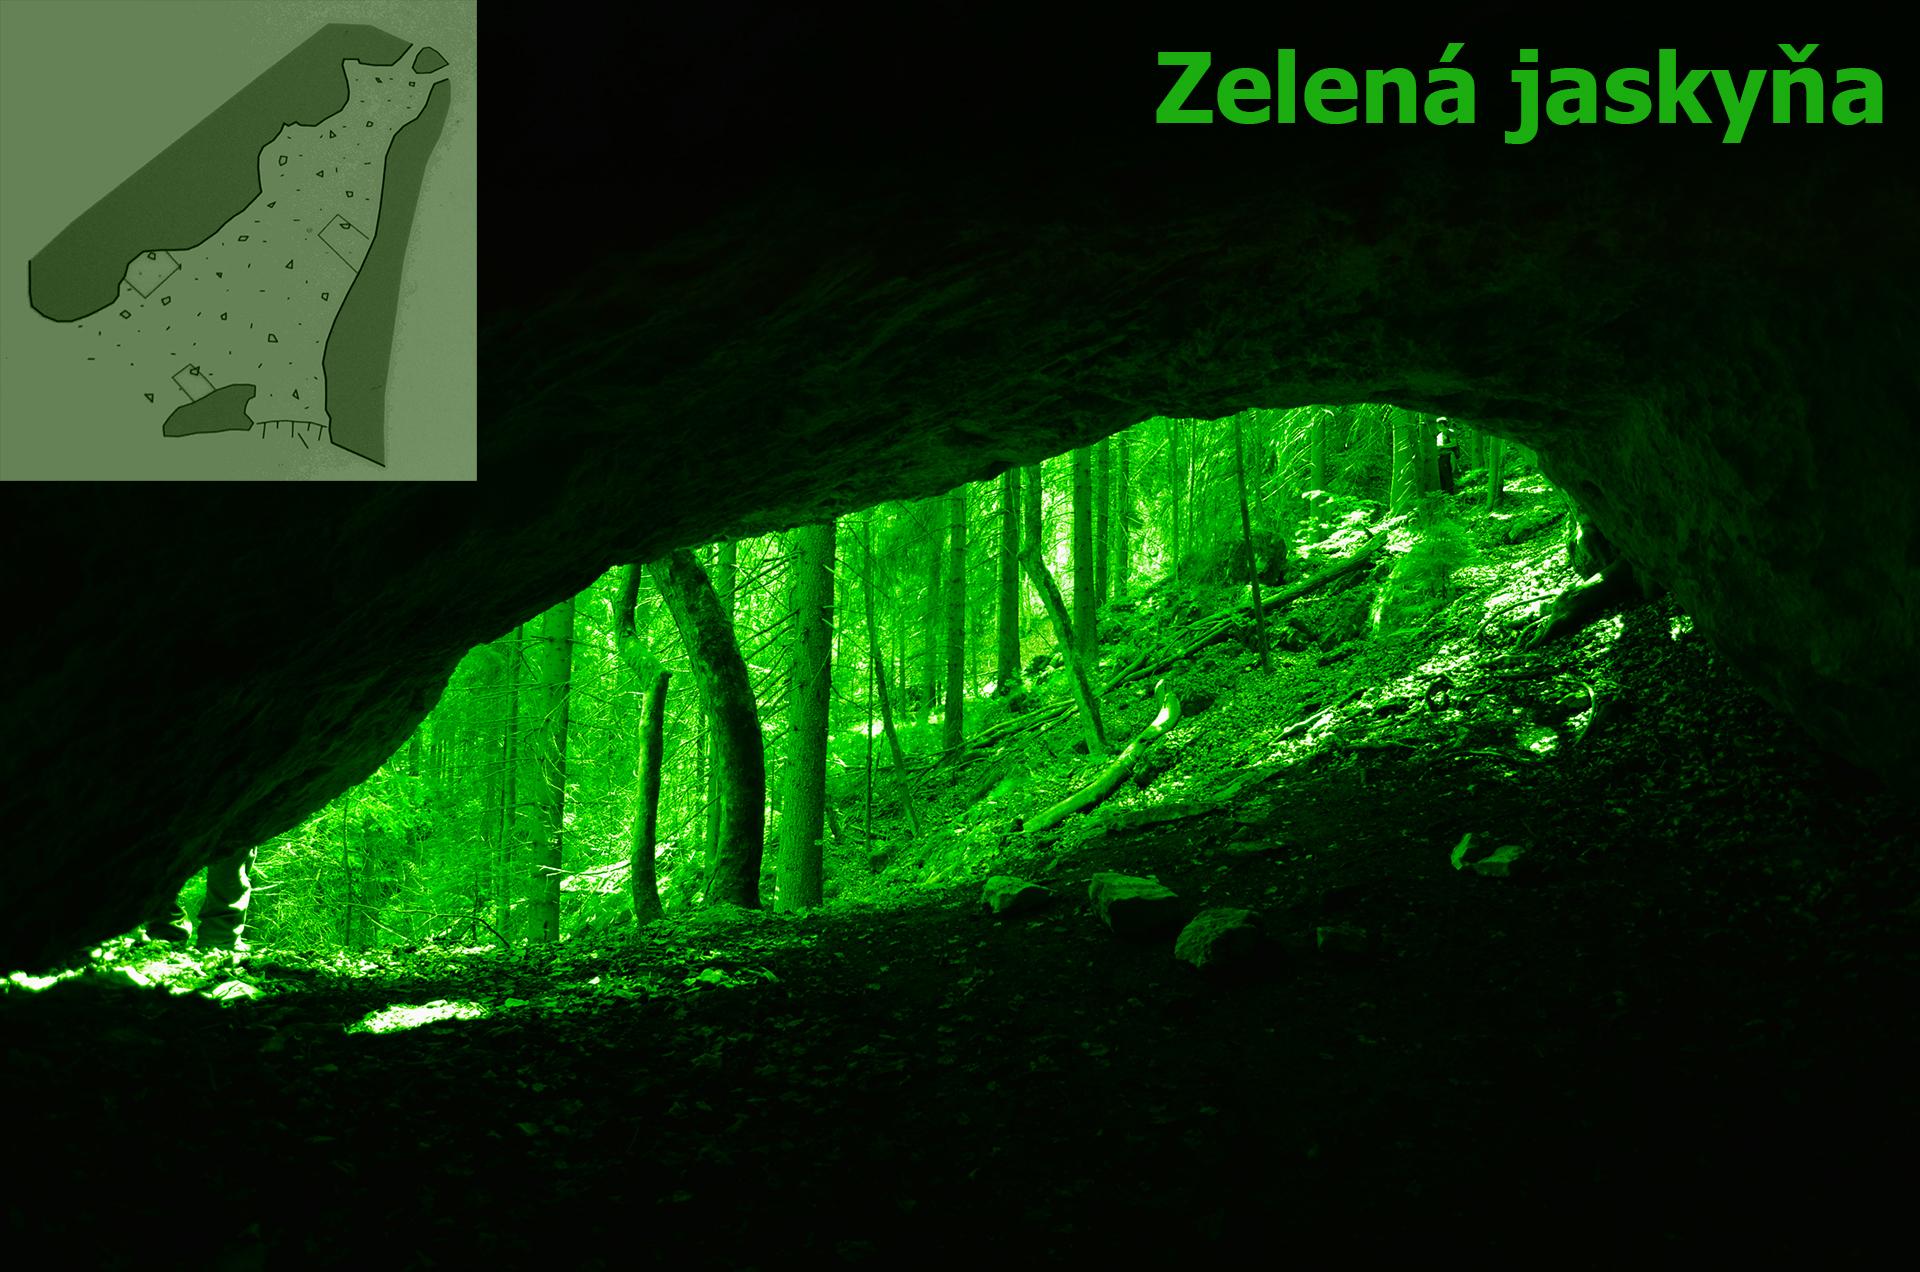 Zlená jaskyňa